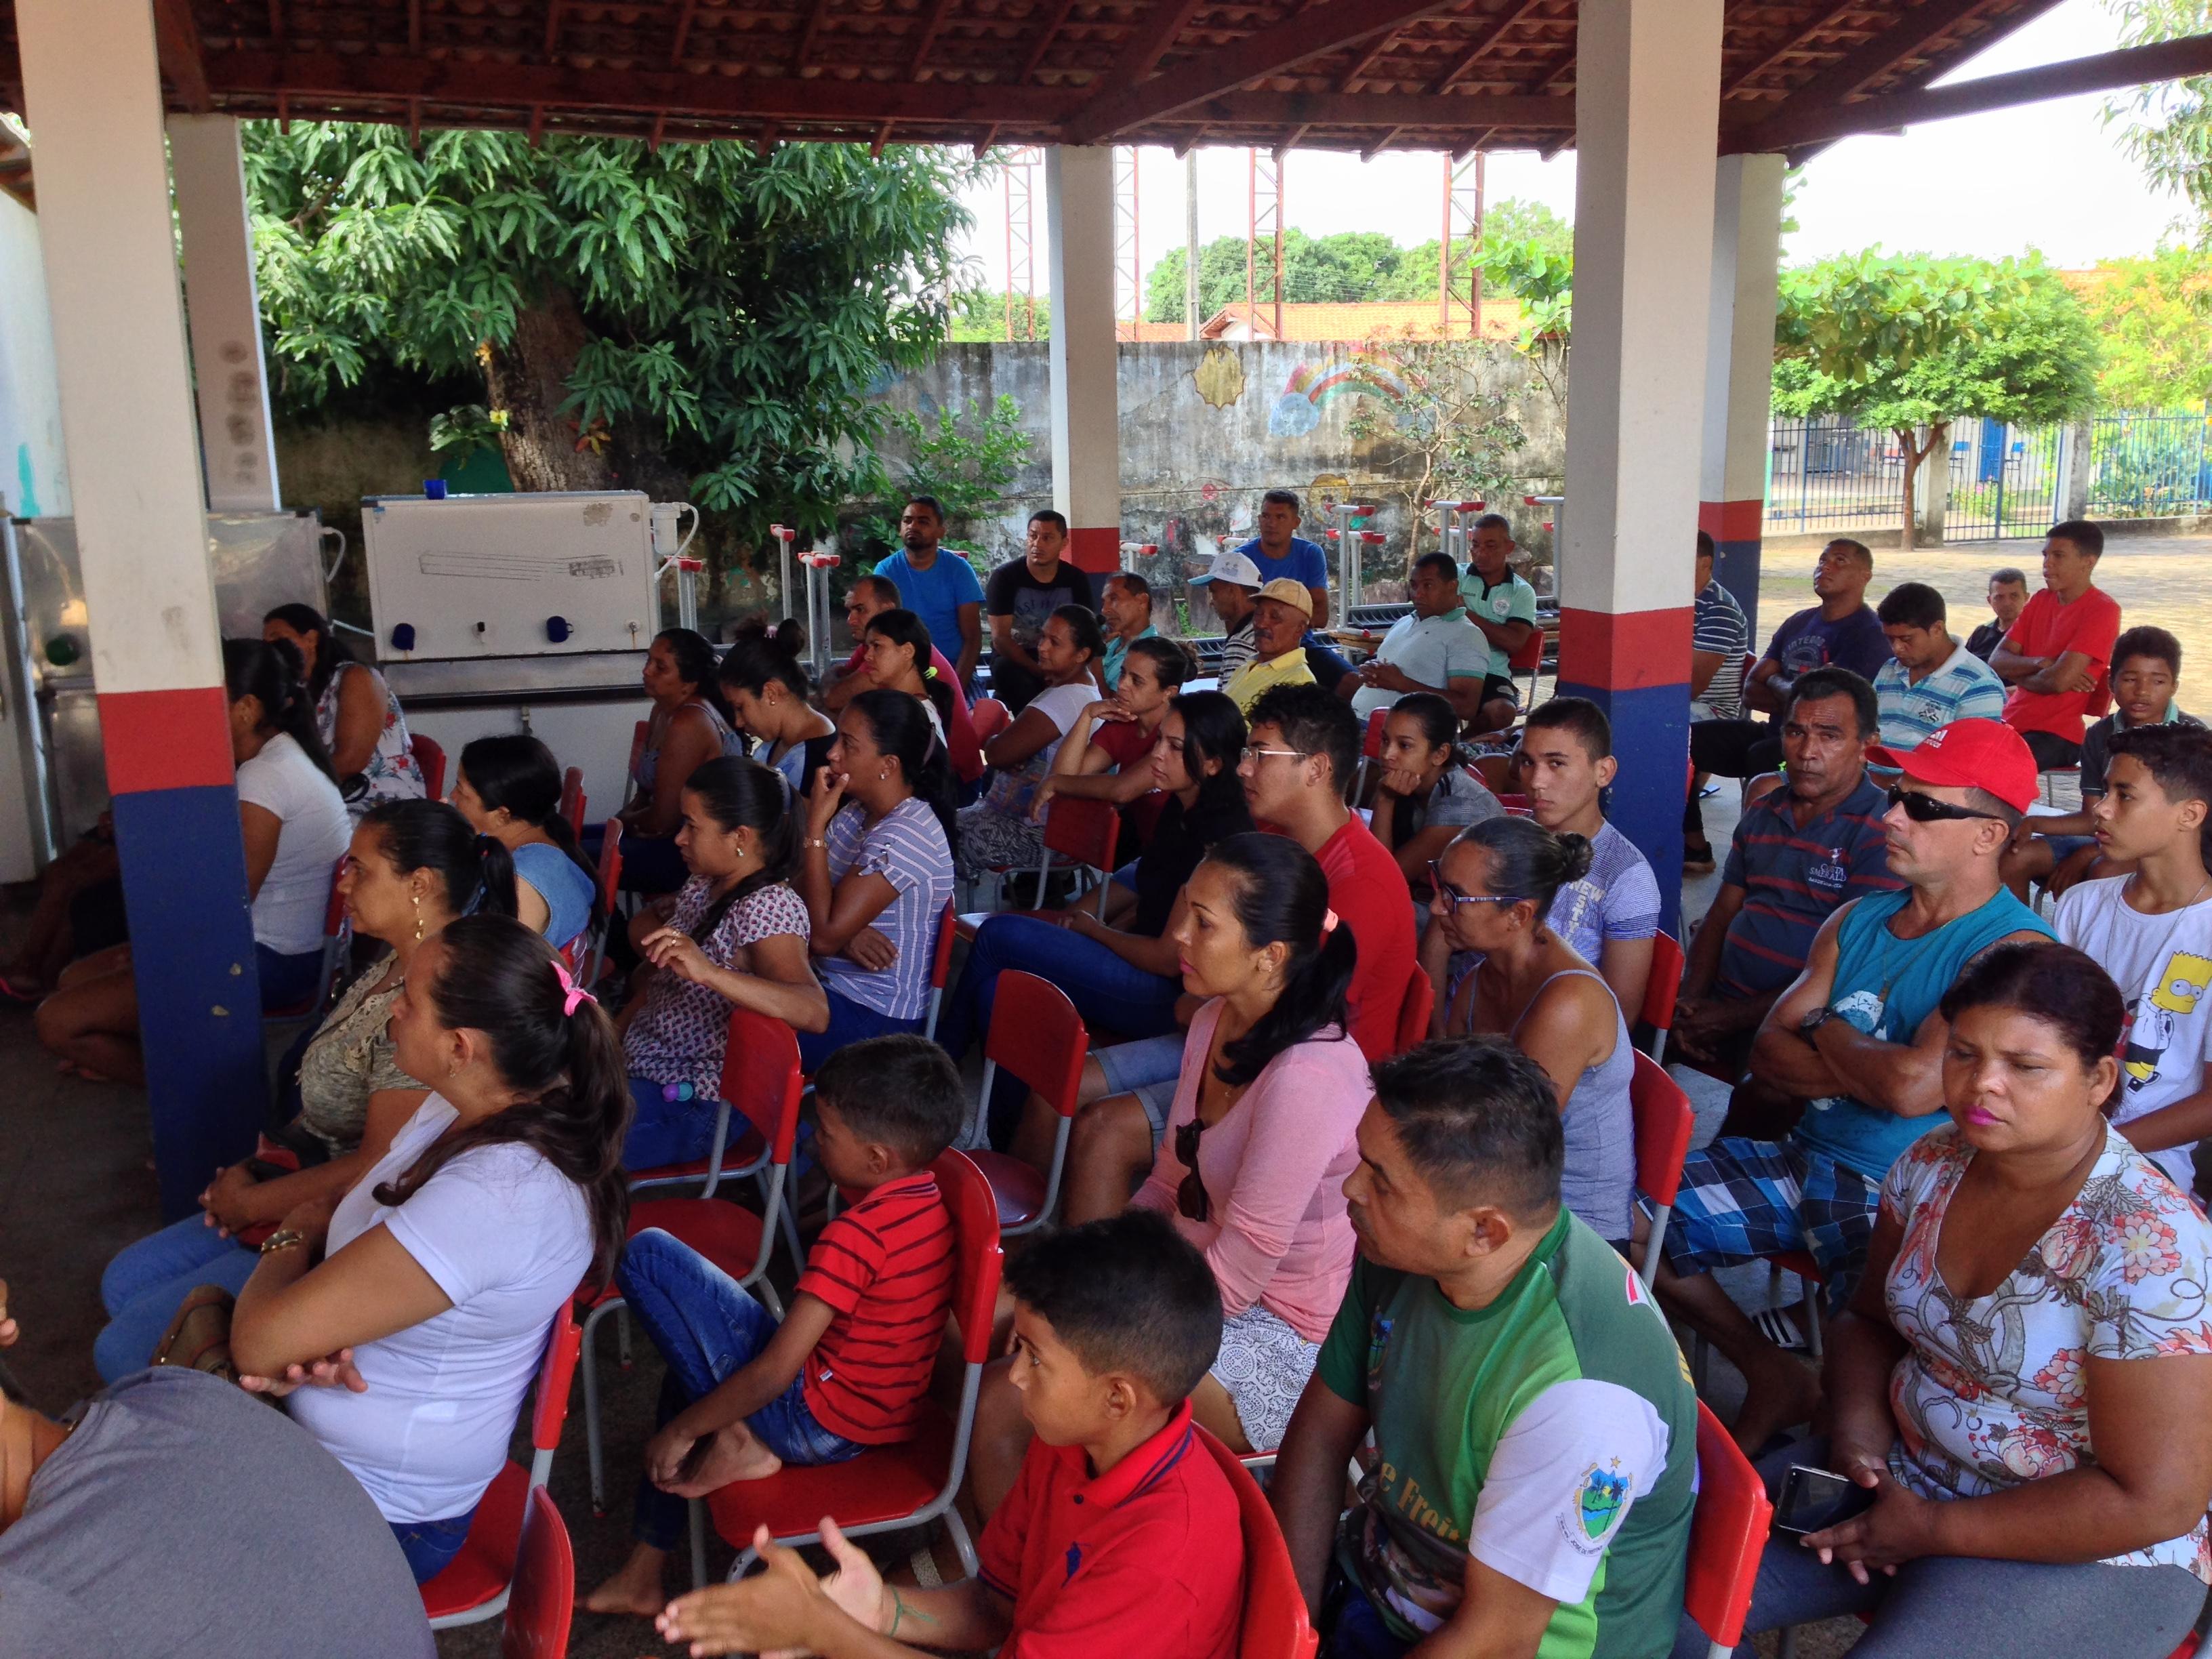 Escolinha Geração do Futuro de José de Freitas realiza reunião com pais e responsáveis